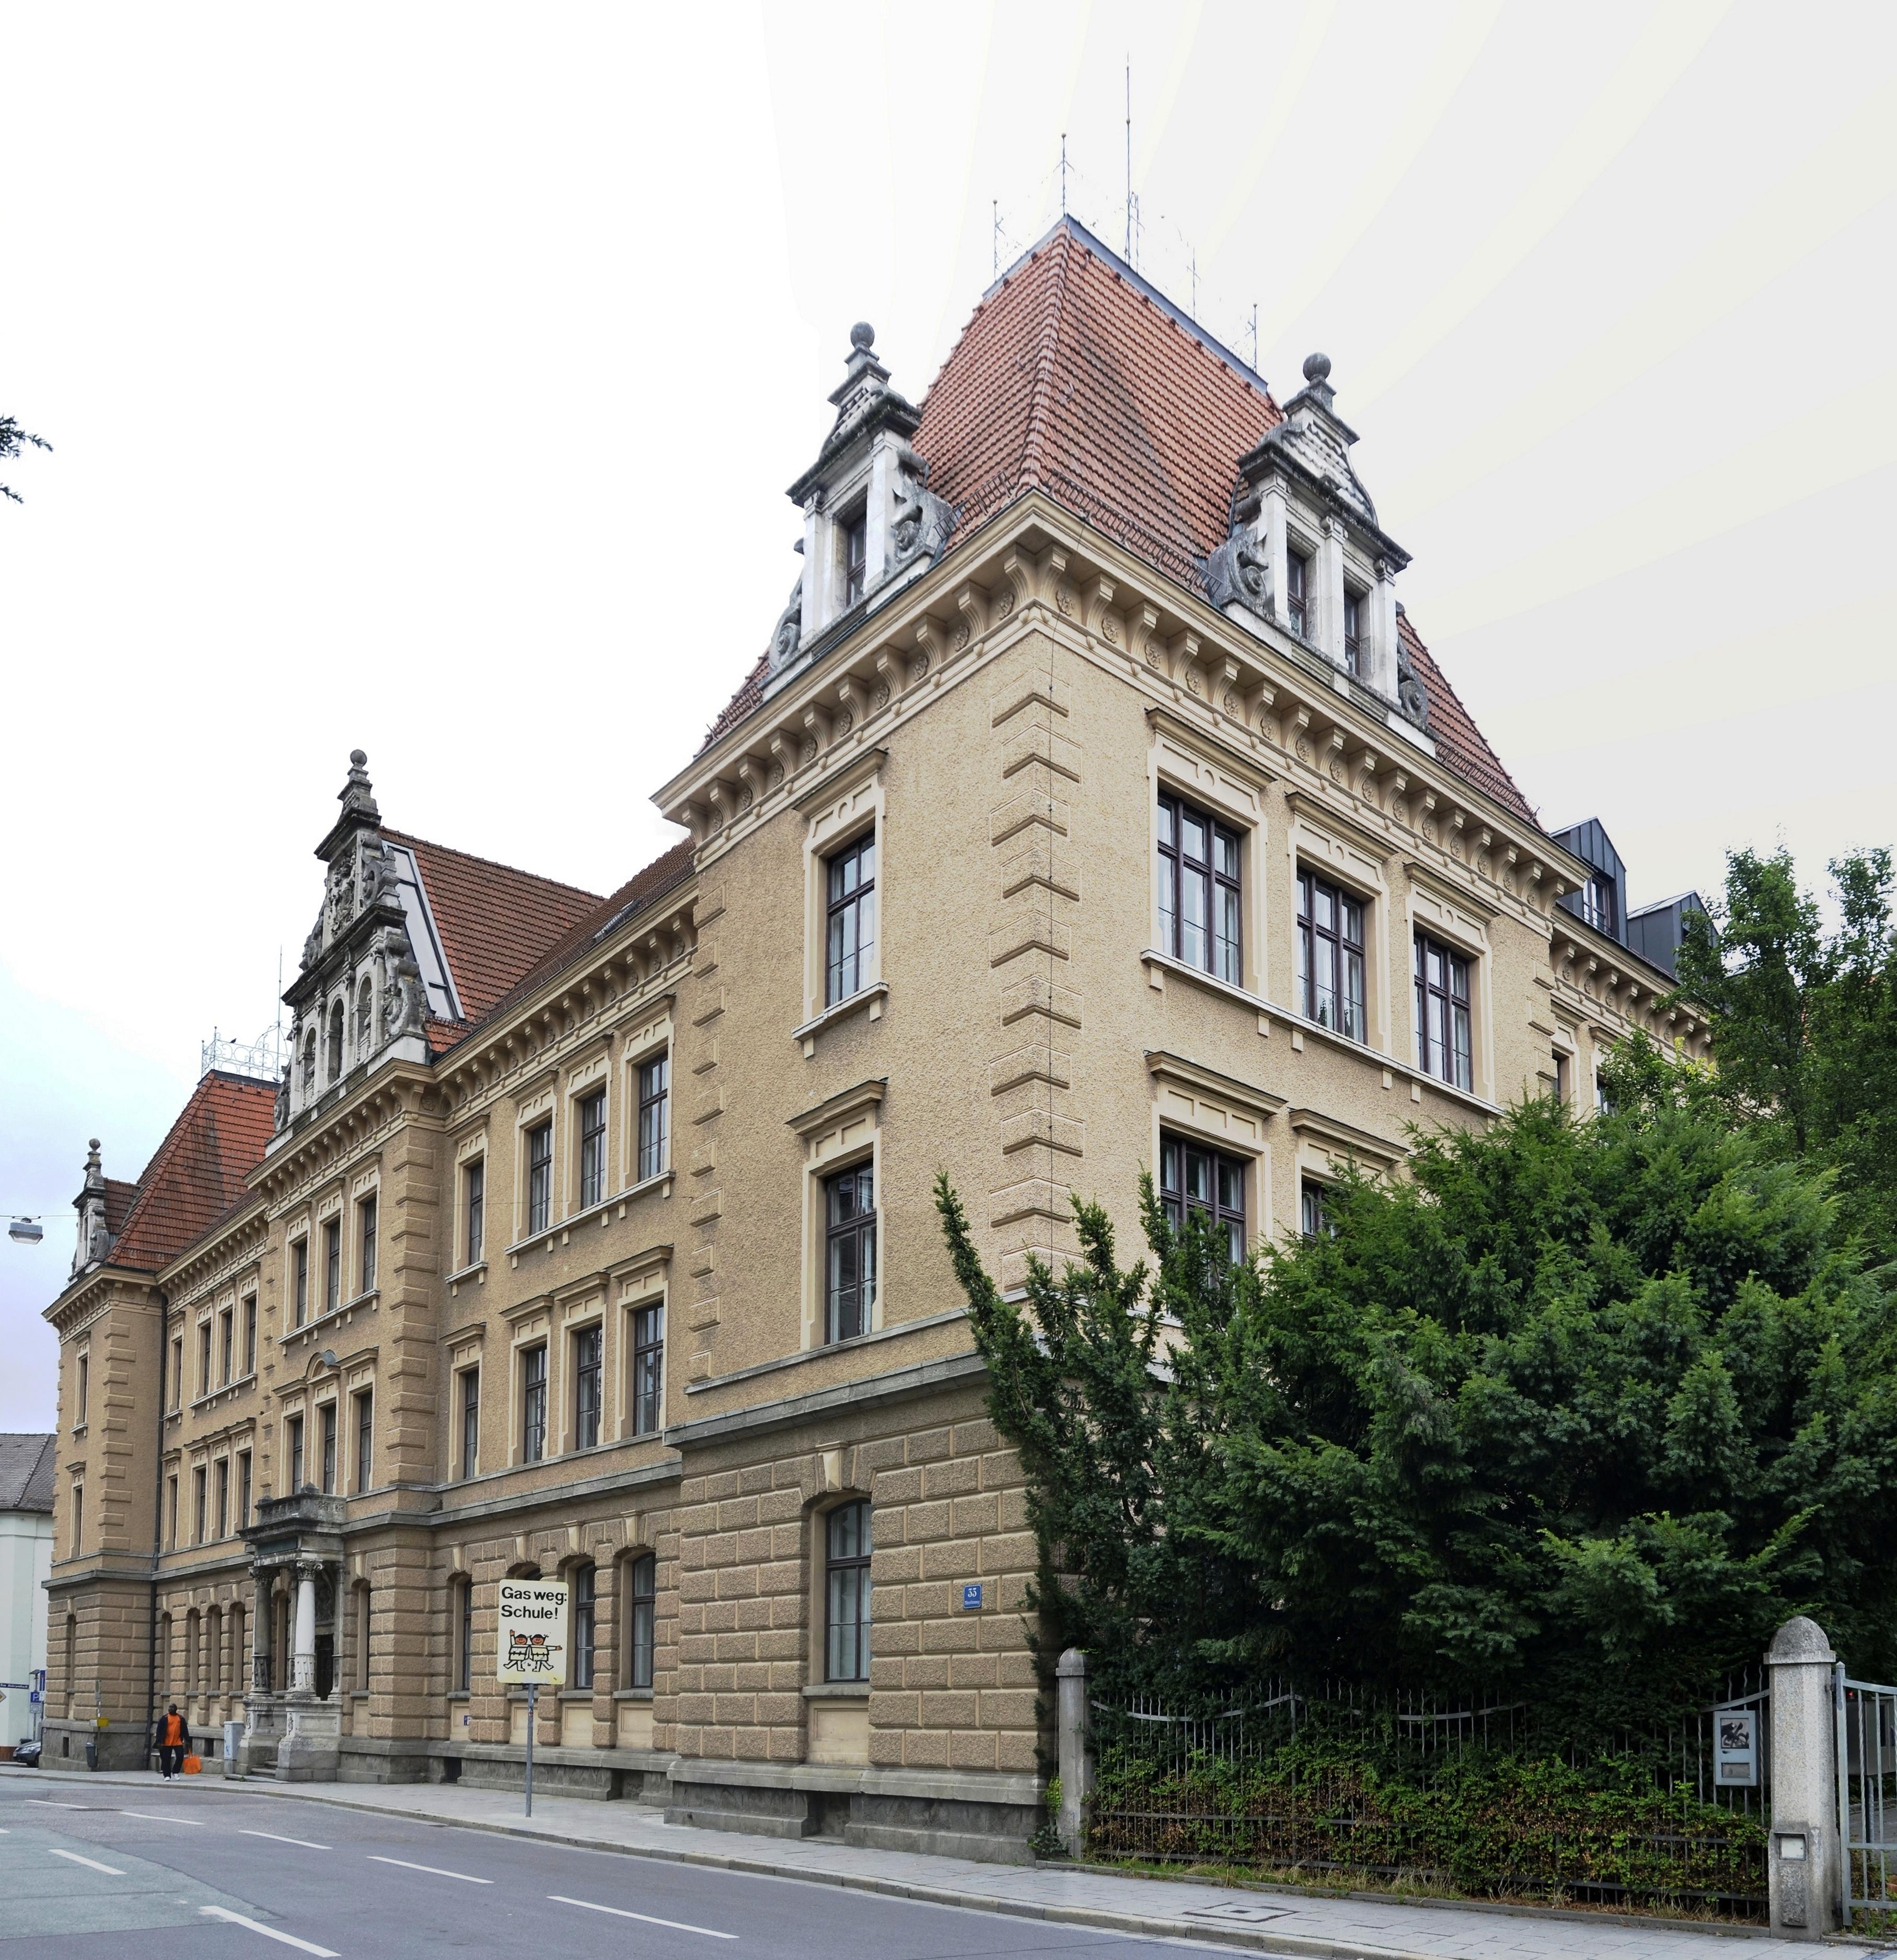 Minoritenweg Regensburg